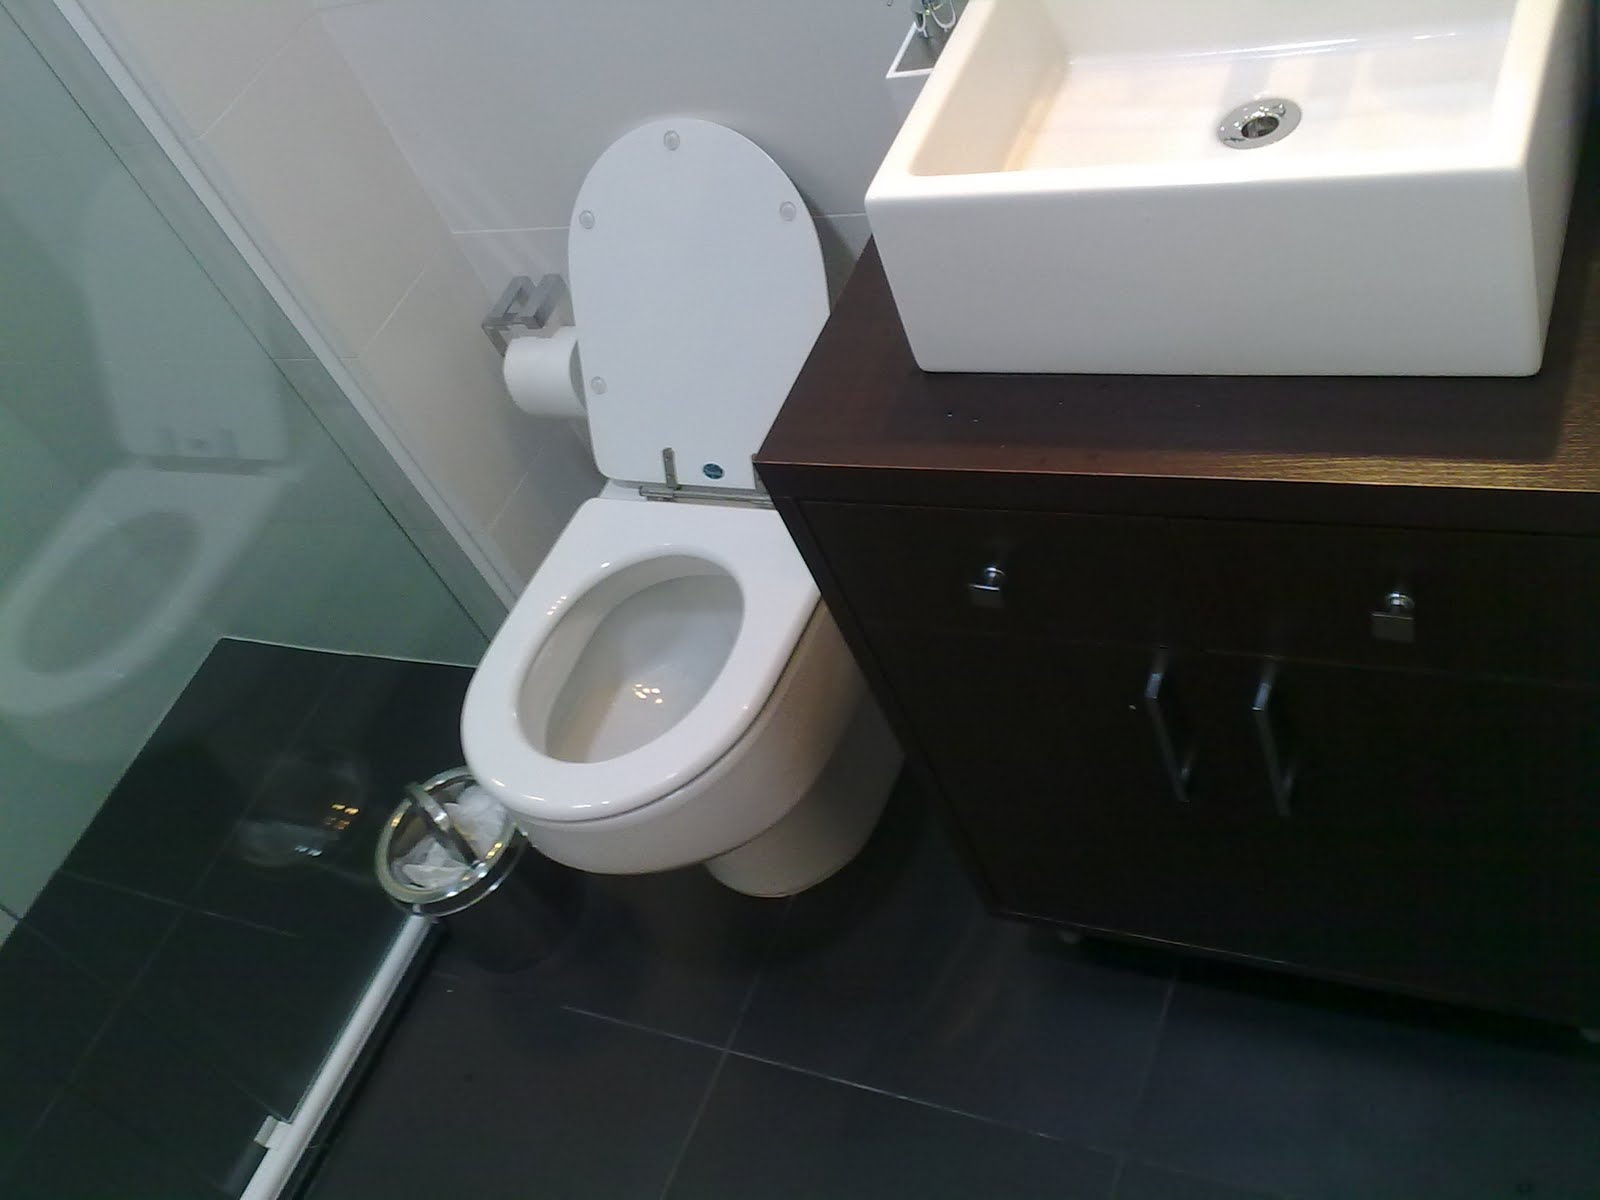 Pisos Para Banheiro Preto Pisos Bege Para Cozinha Pisos Para Cozinha  #705F45 1600x1200 Banheiro Com Piso De Porcelanato Preto